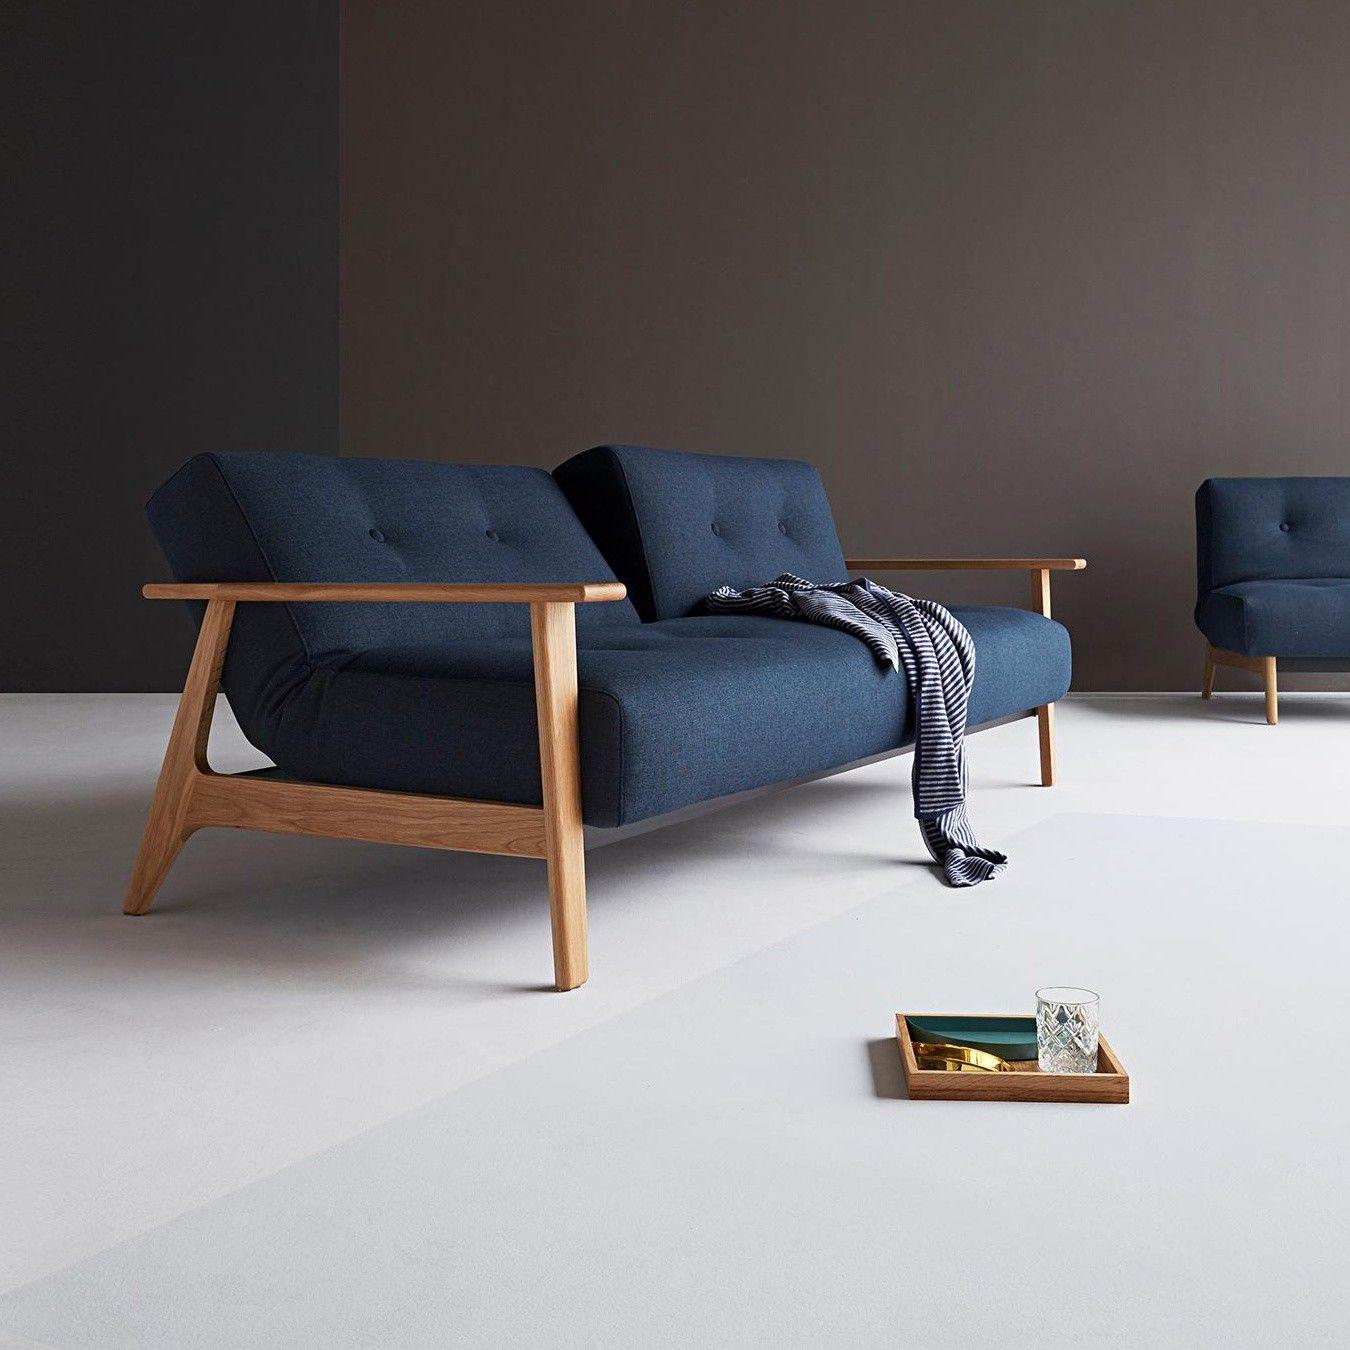 Canapé-lit avec accoudoirs Ample Frej 234x90cm